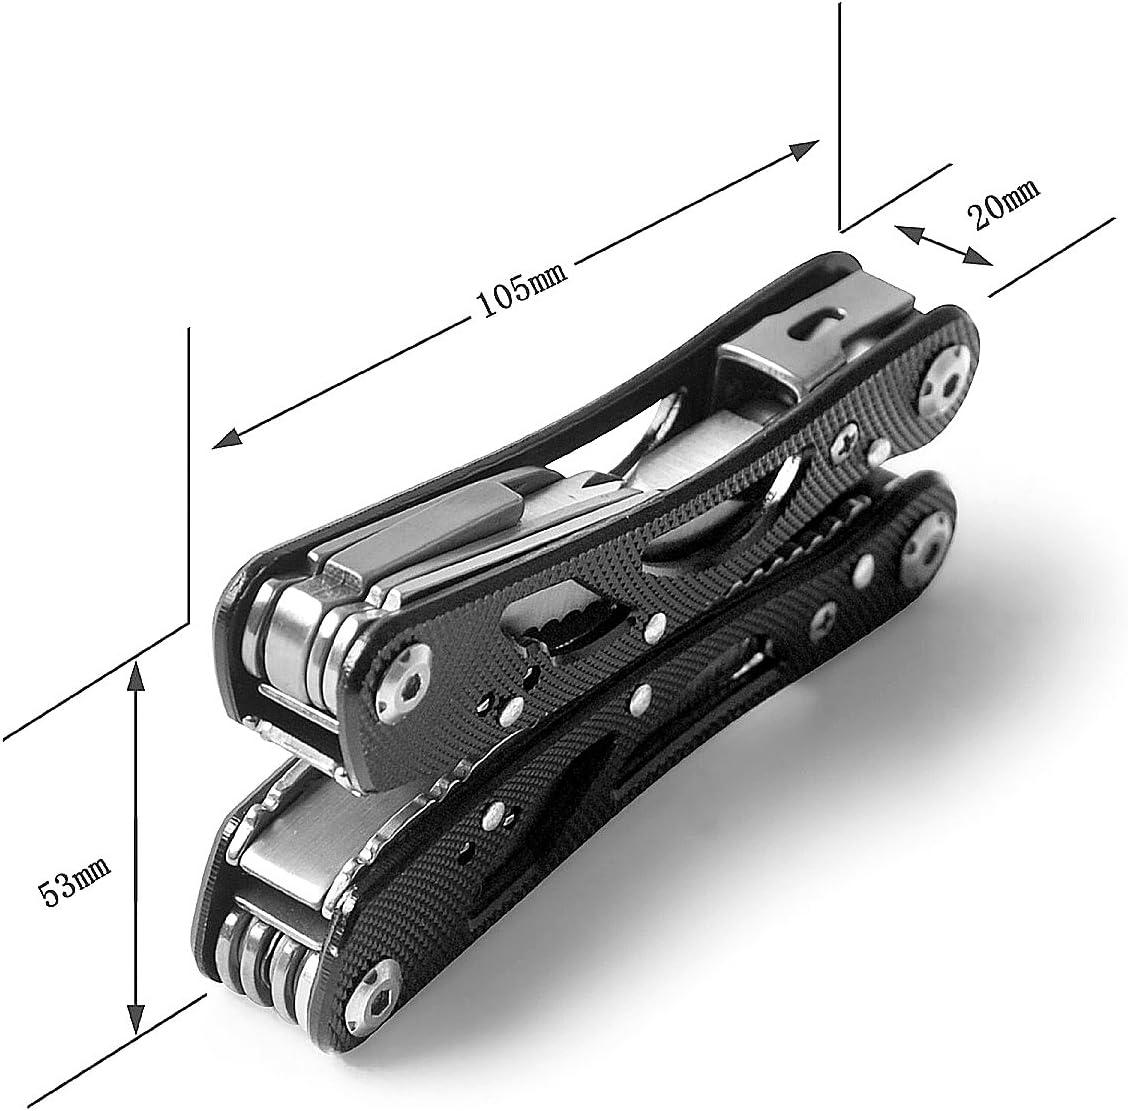 Andux Pince Multifonction Pince /à d/énuder de pr/écision D/énudage de c/âbles /à fibres optiques Outil /à main DXBPQ-01